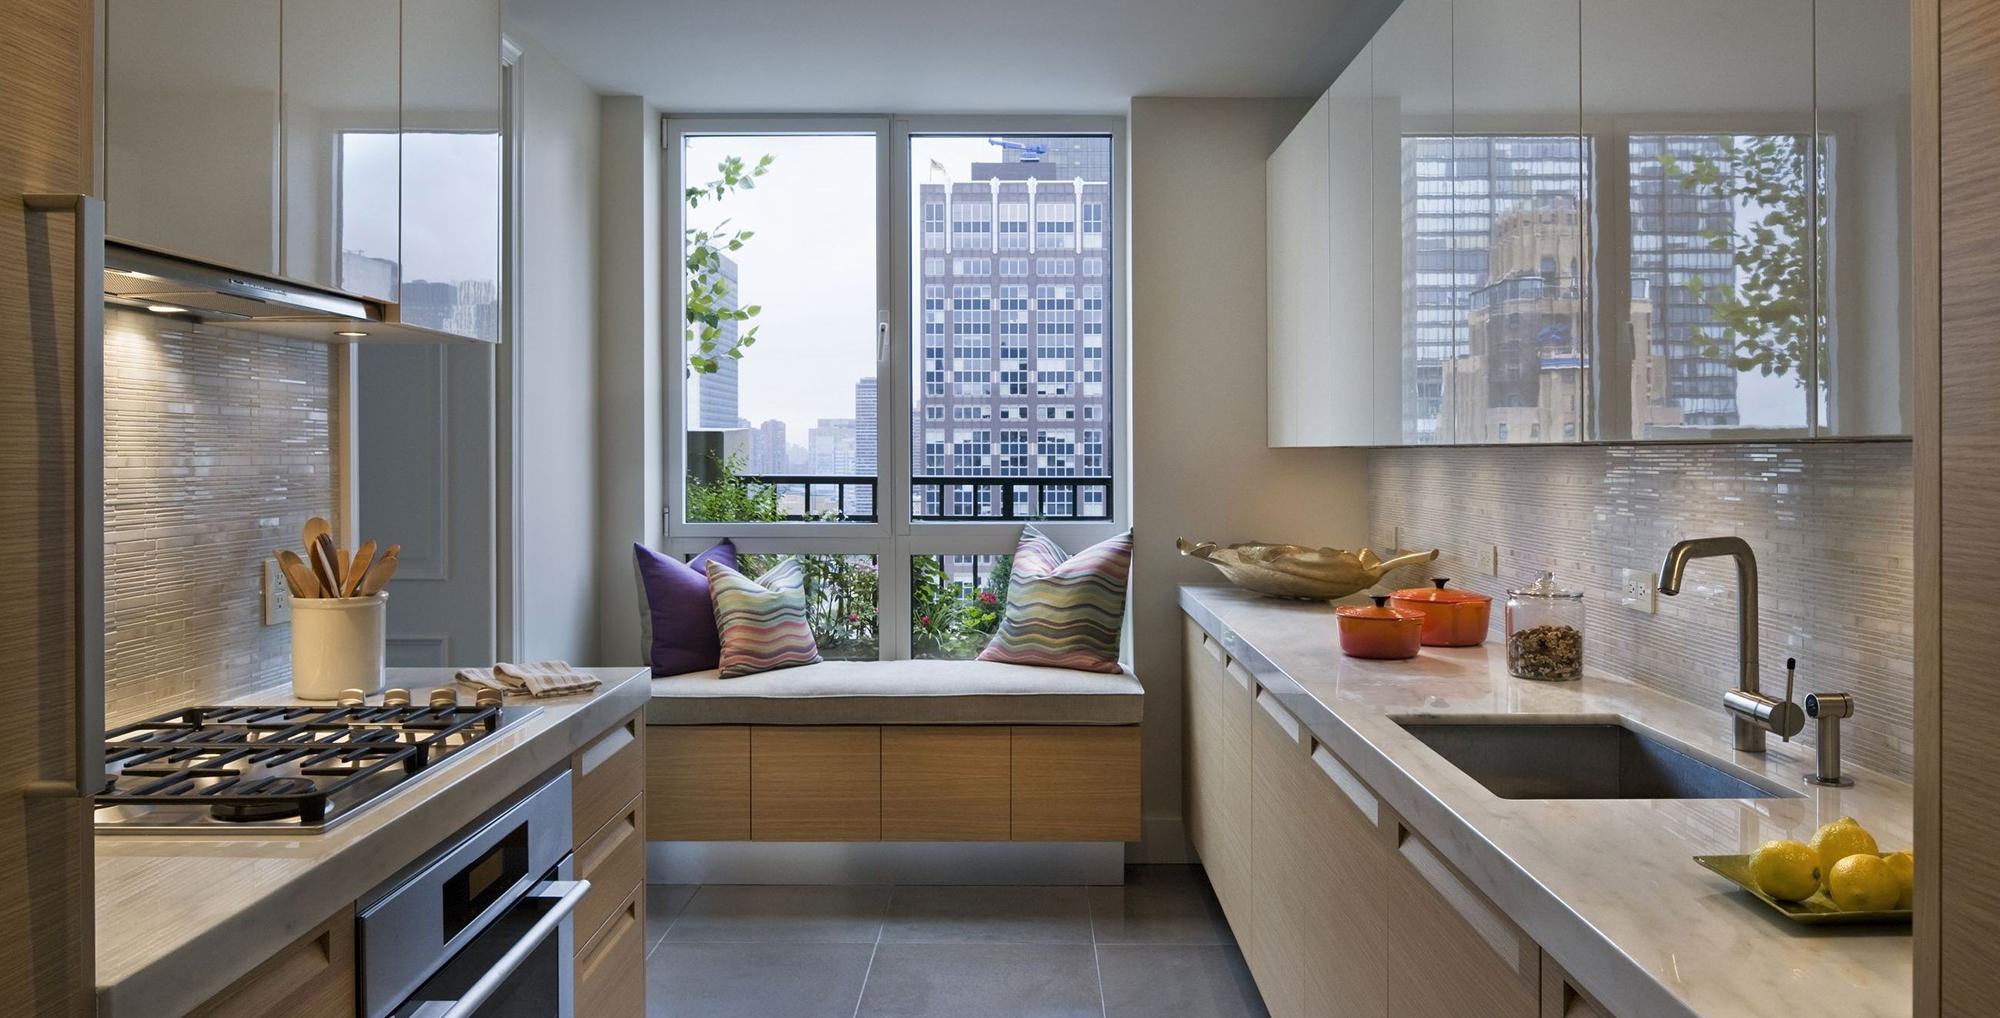 Дизайн кухни с местом для отдыха